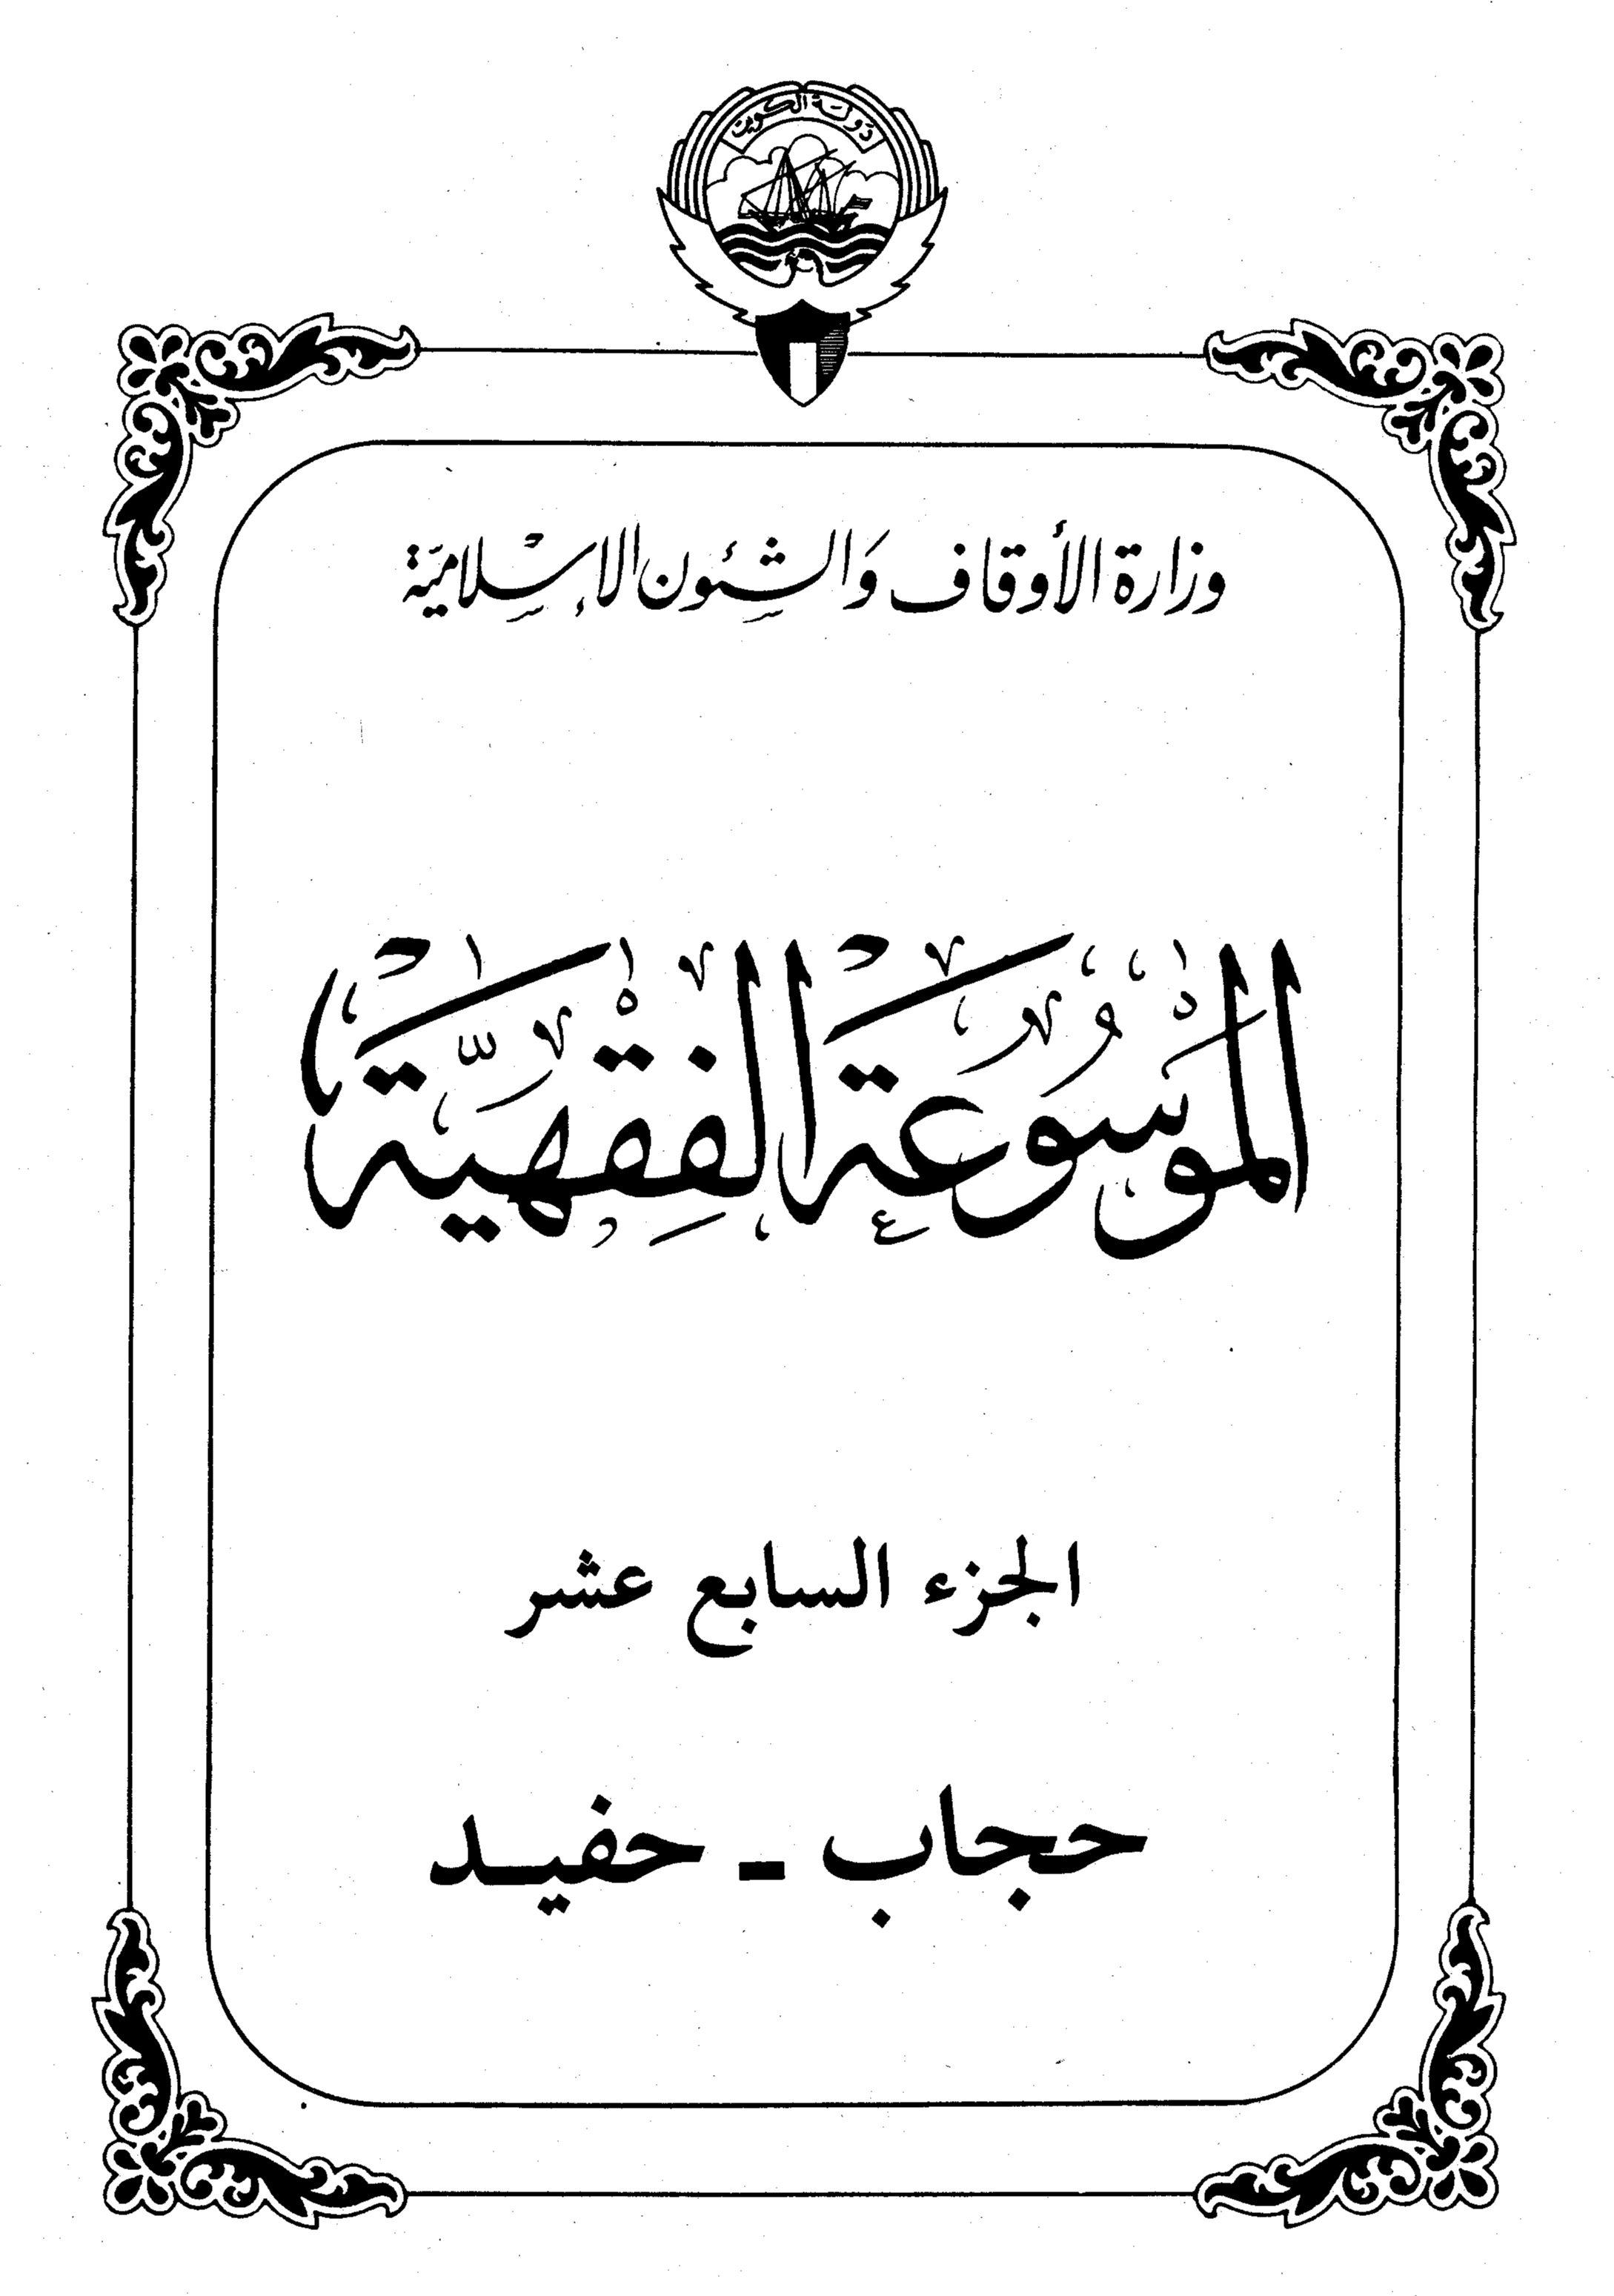 الموسوعة الفقهية الكويتية الجزء السابع عشر(حجاب - حفيد)